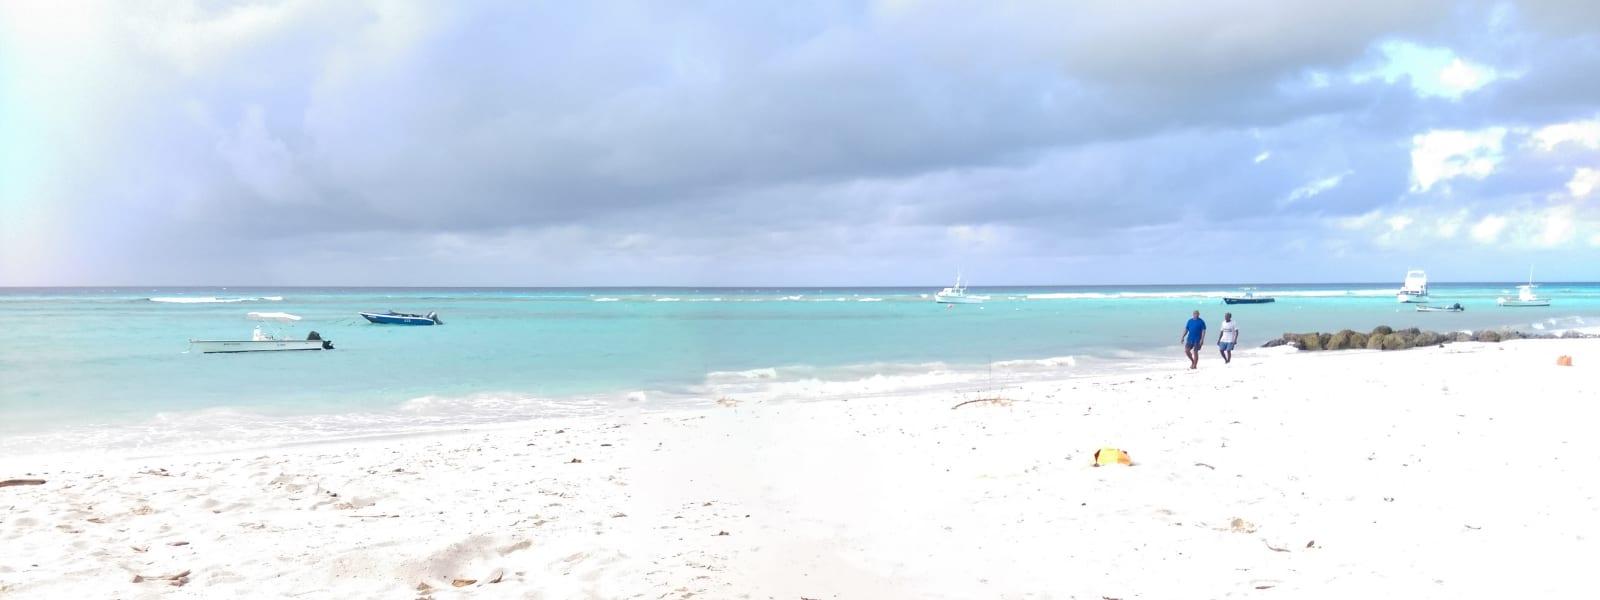 Cautionary Zone Offshore Of Worthing Beach